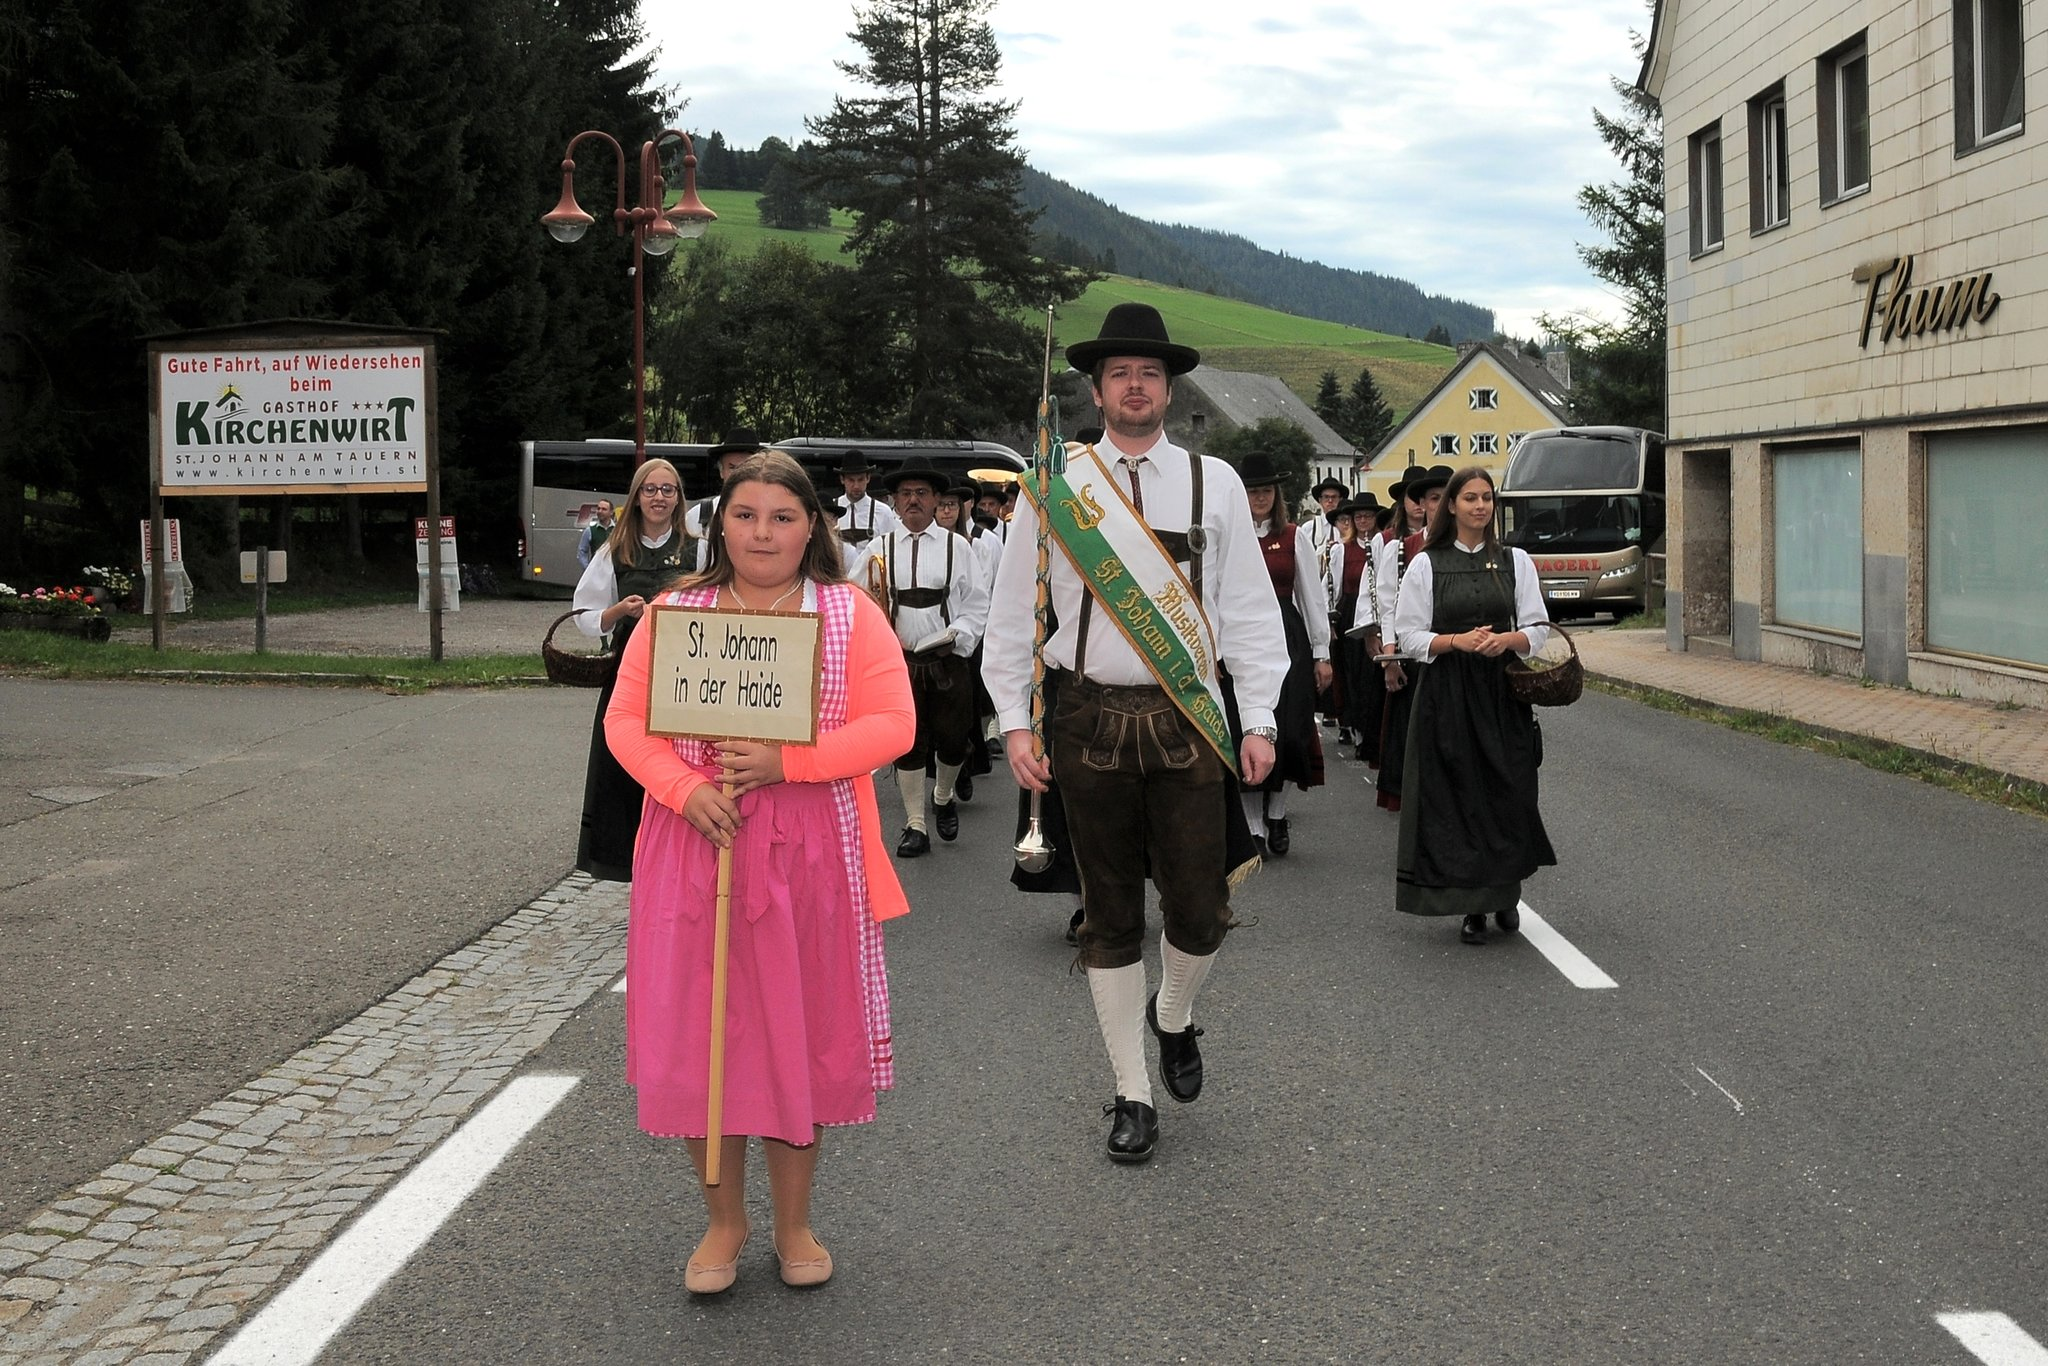 Sankt johann im pongau frauen aus treffen Schrems single